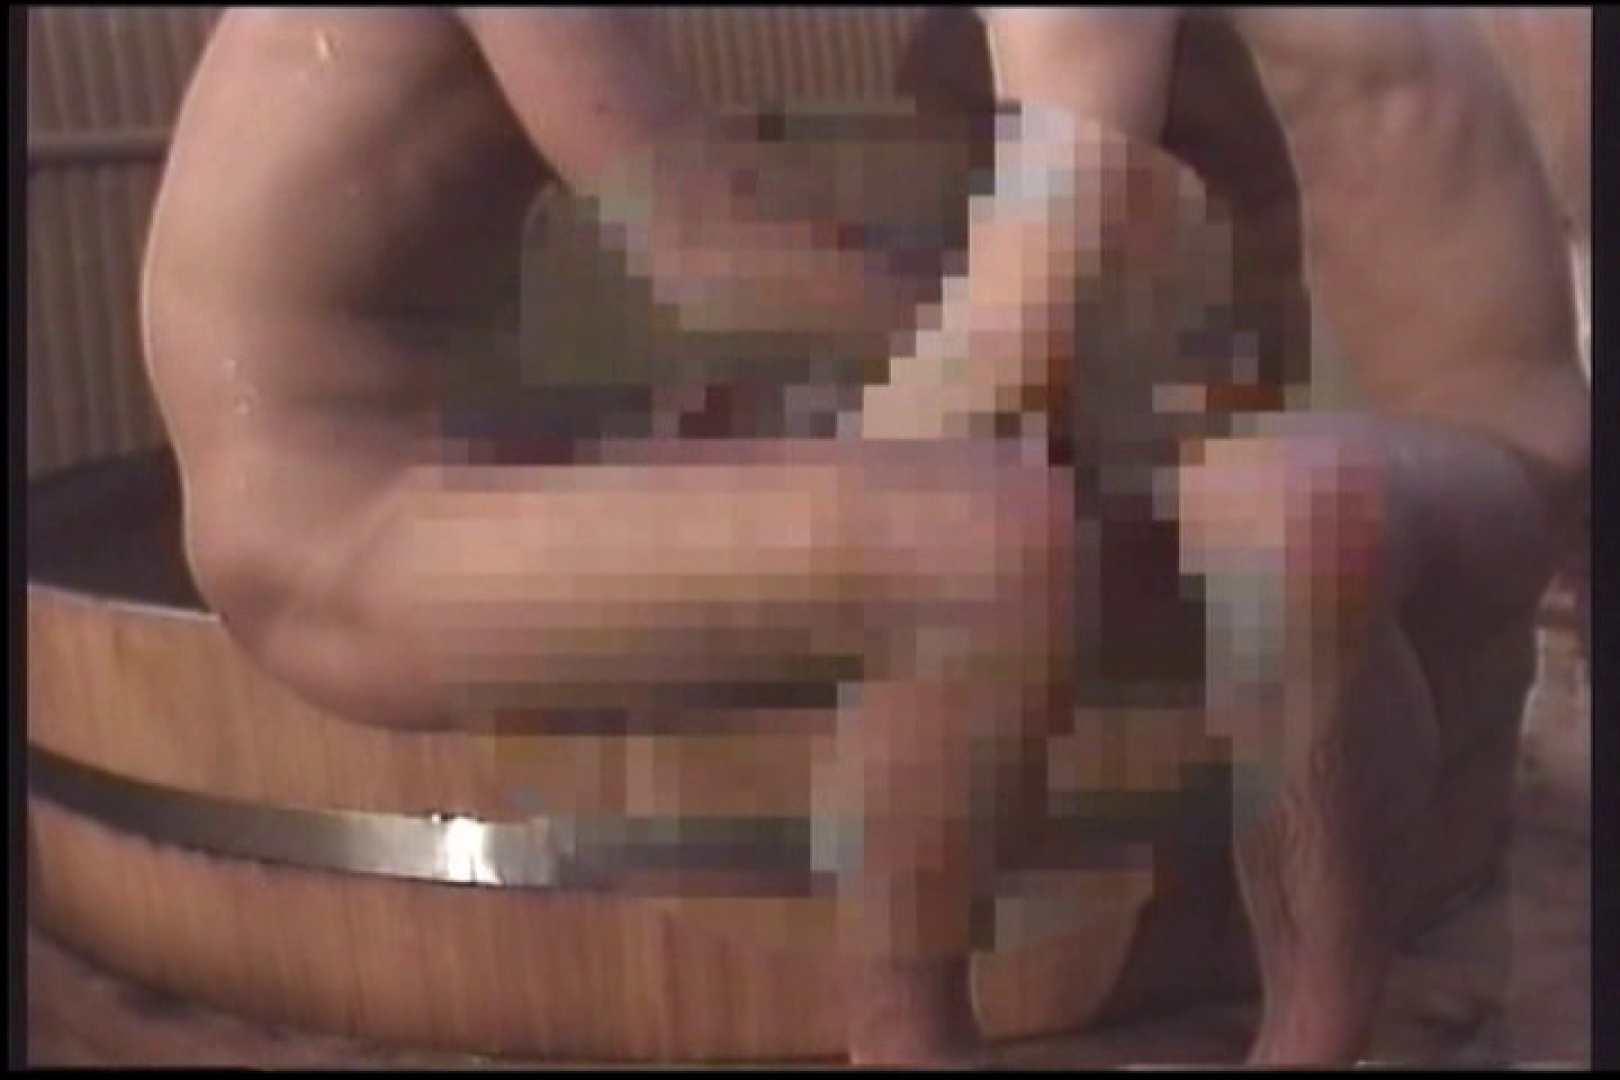 体育会系男子の銭湯合宿を覗いてみようvol.03 体育会系メンズ ゲイエロビデオ画像 10画像 10